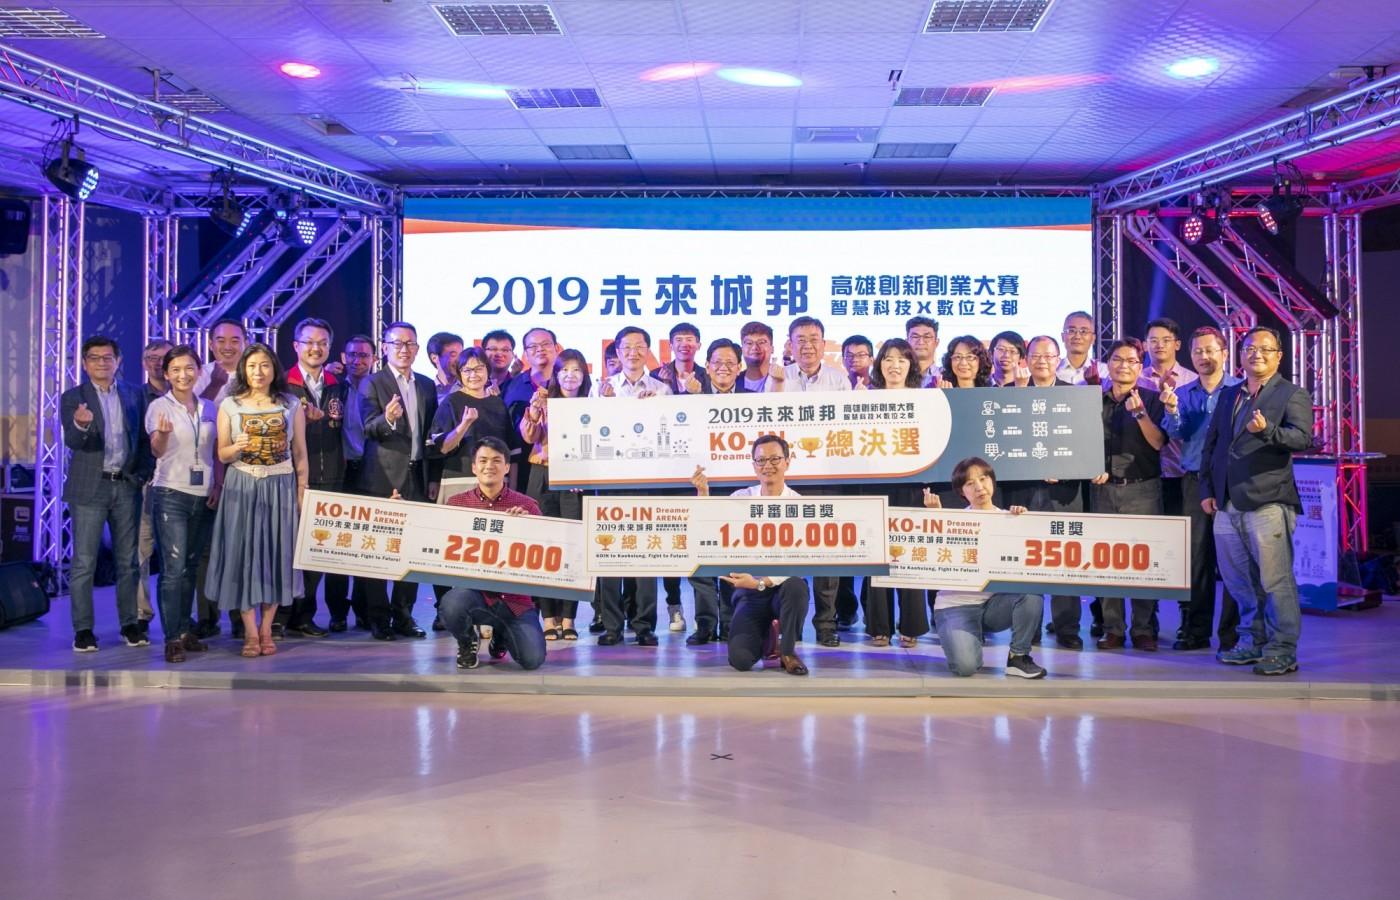 KO-IN創業大賽冠軍「智慧疫苗冷鏈(冰箱)」勇奪百萬獎勵 市府三箭齊發協助青年深根高雄